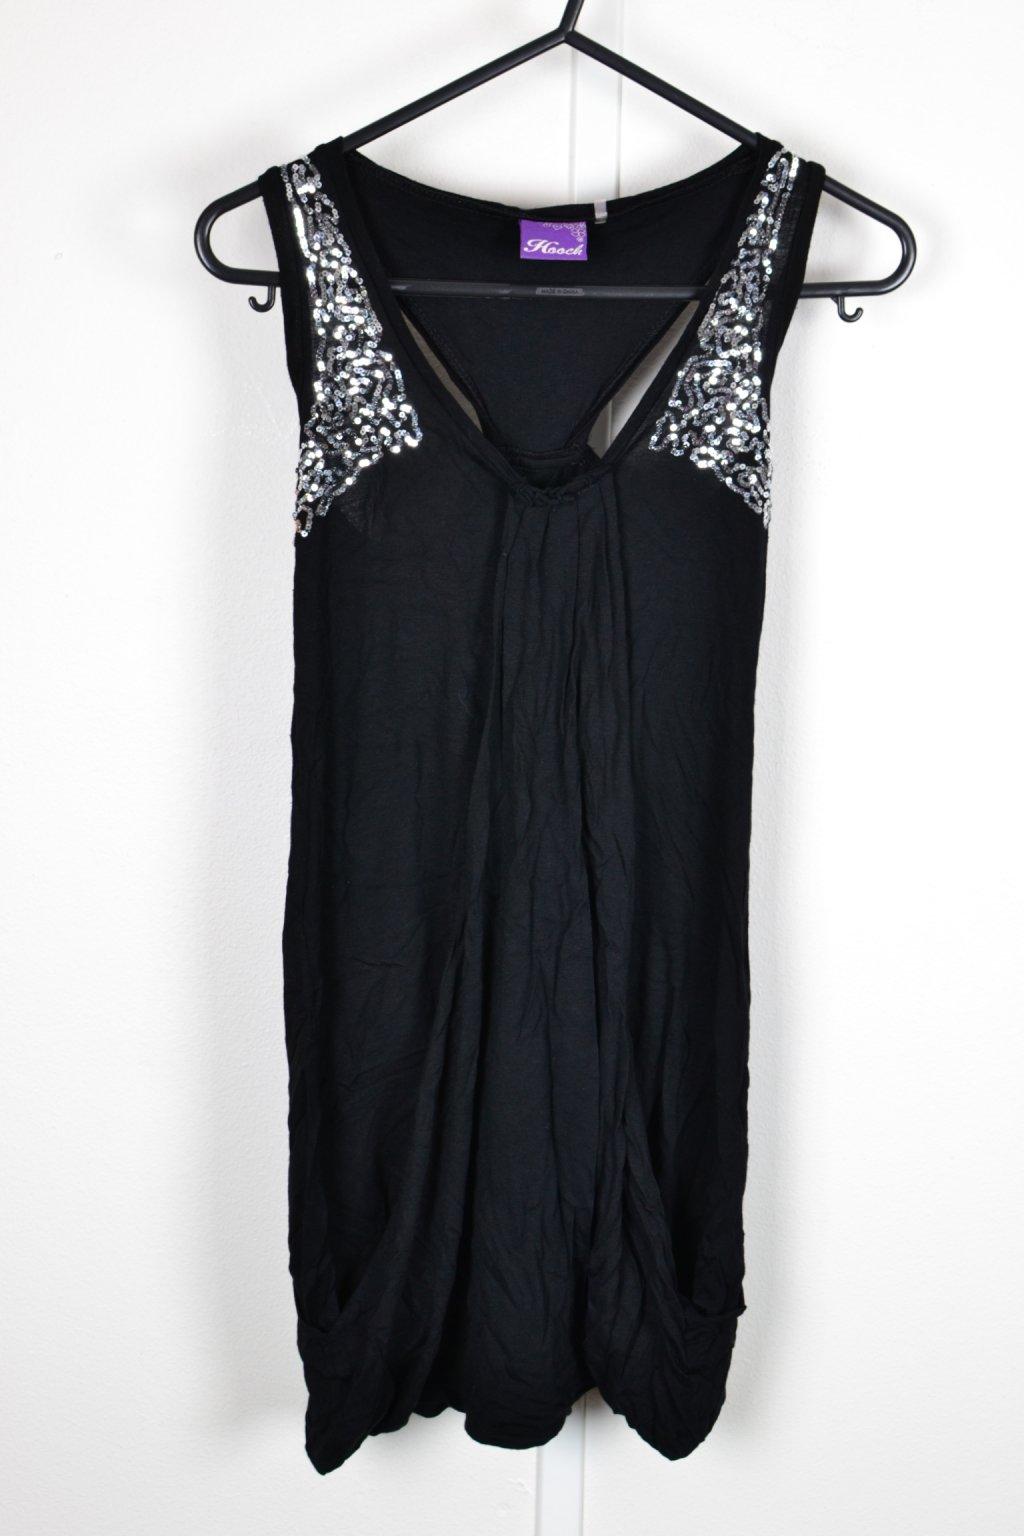 Šaty Hooch Matalan černé s filtry 134/8-9